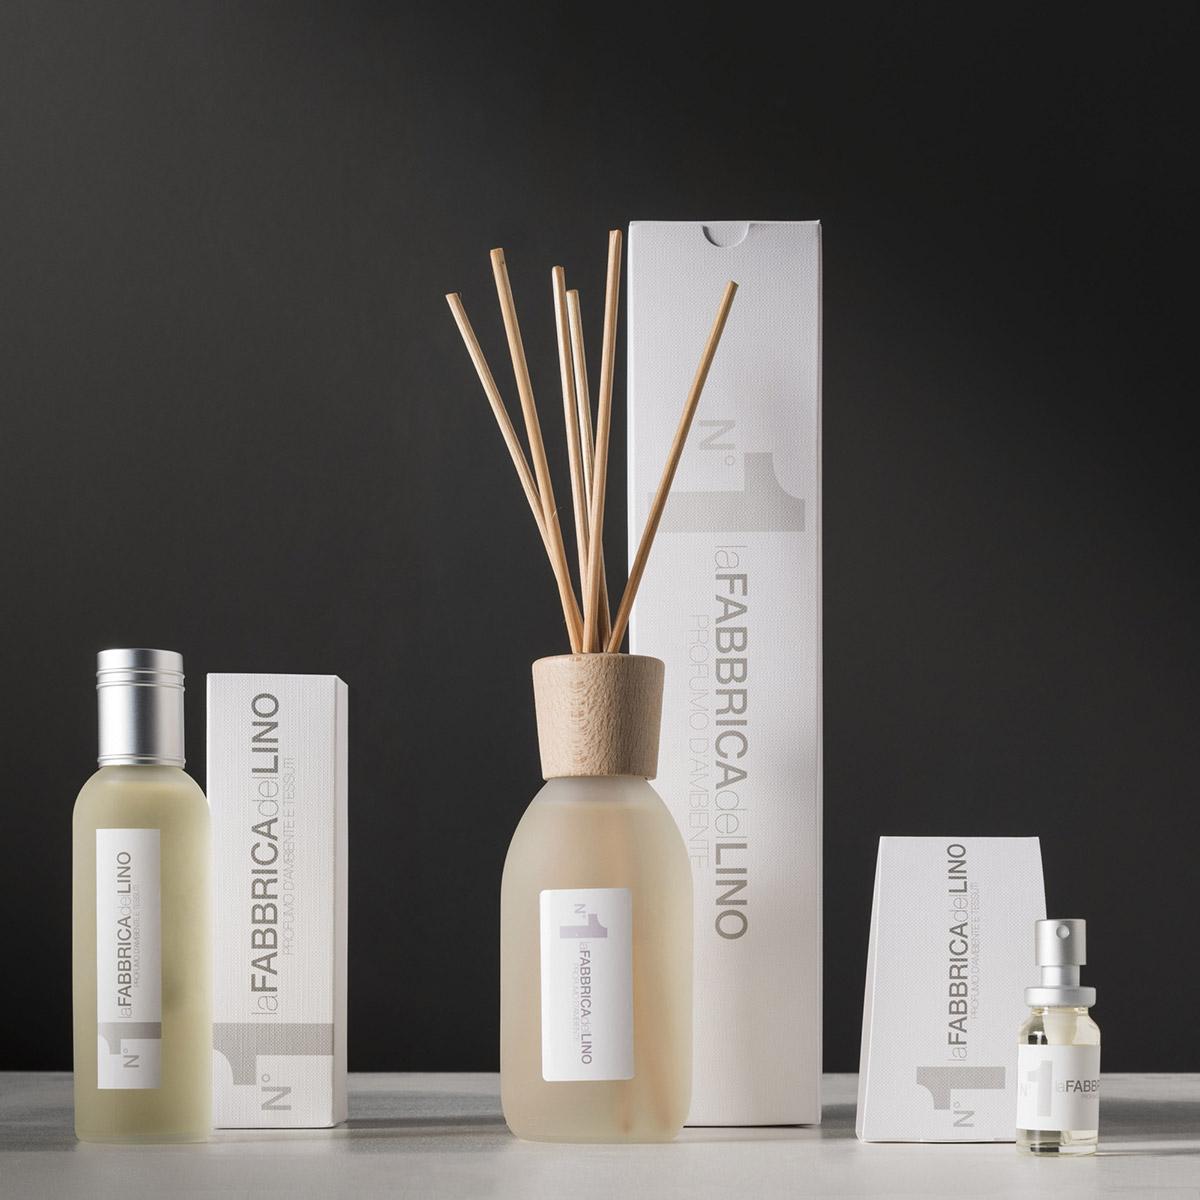 lfdl fragranza di lino profumo per ambienti